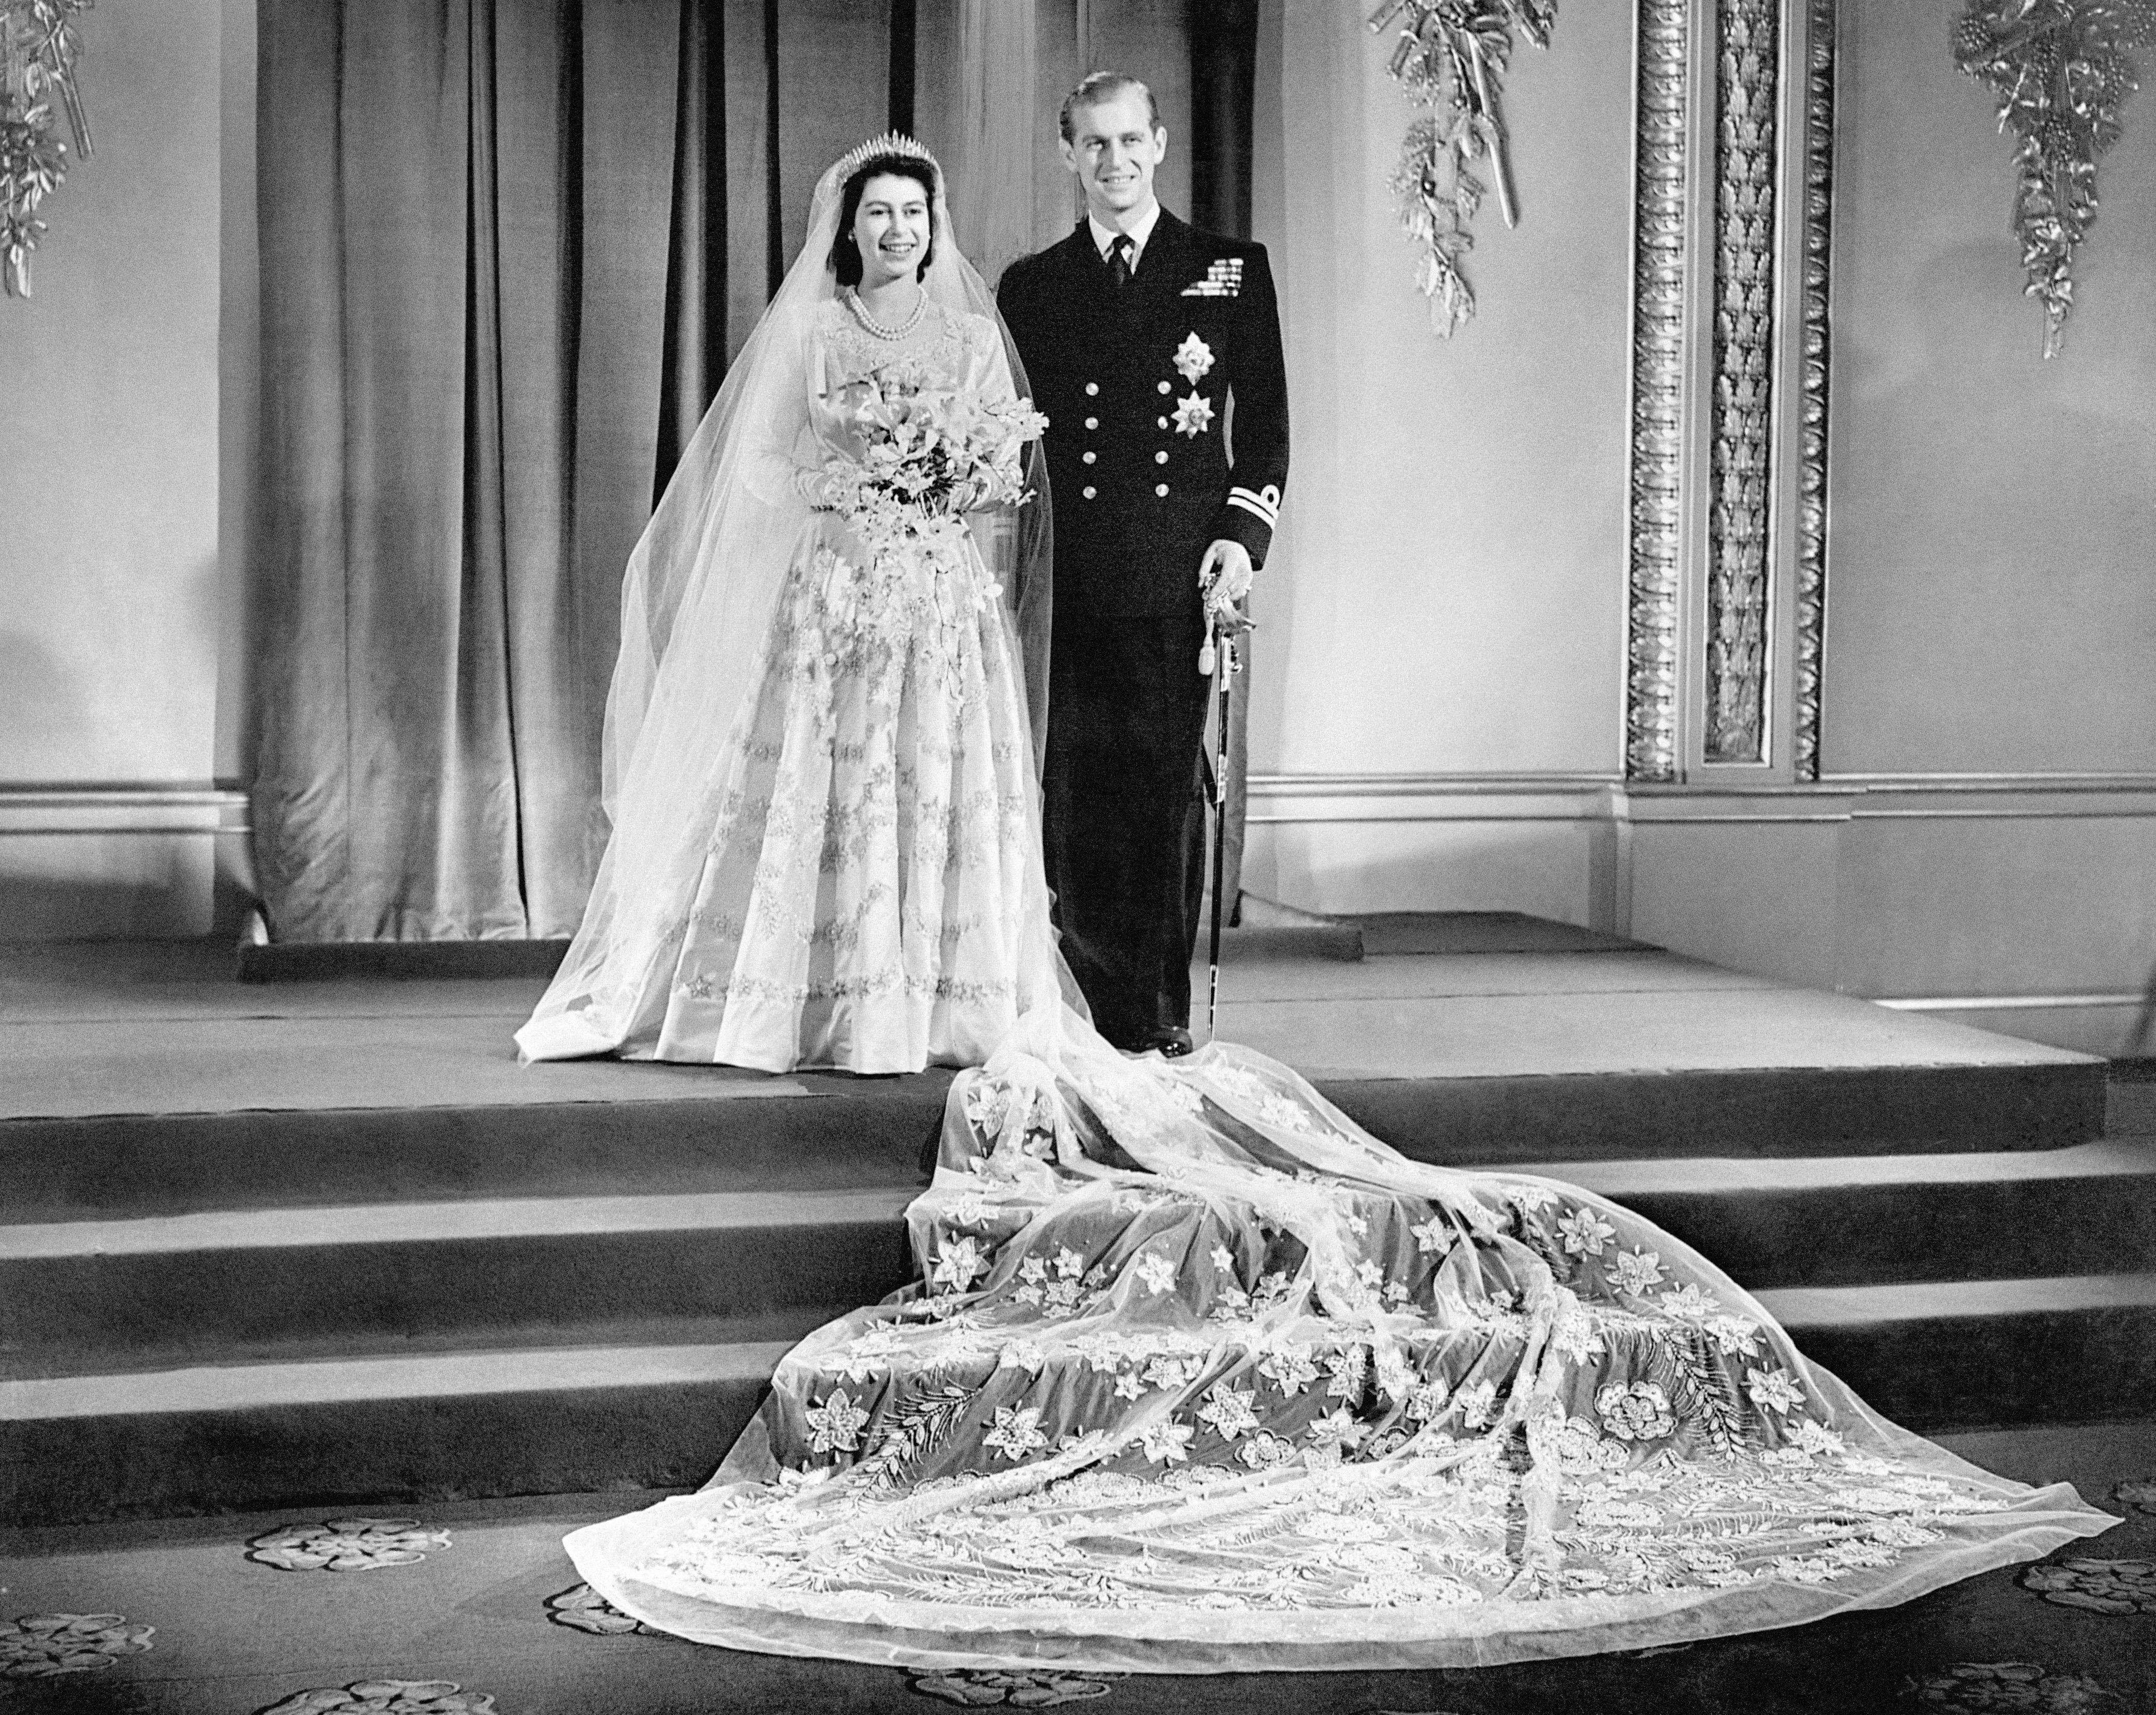 عاطفته منعته من الإستغناء عن الحذاء الذي ارتداه خلال زواجه-الصورة من موقع العائلة المالكة